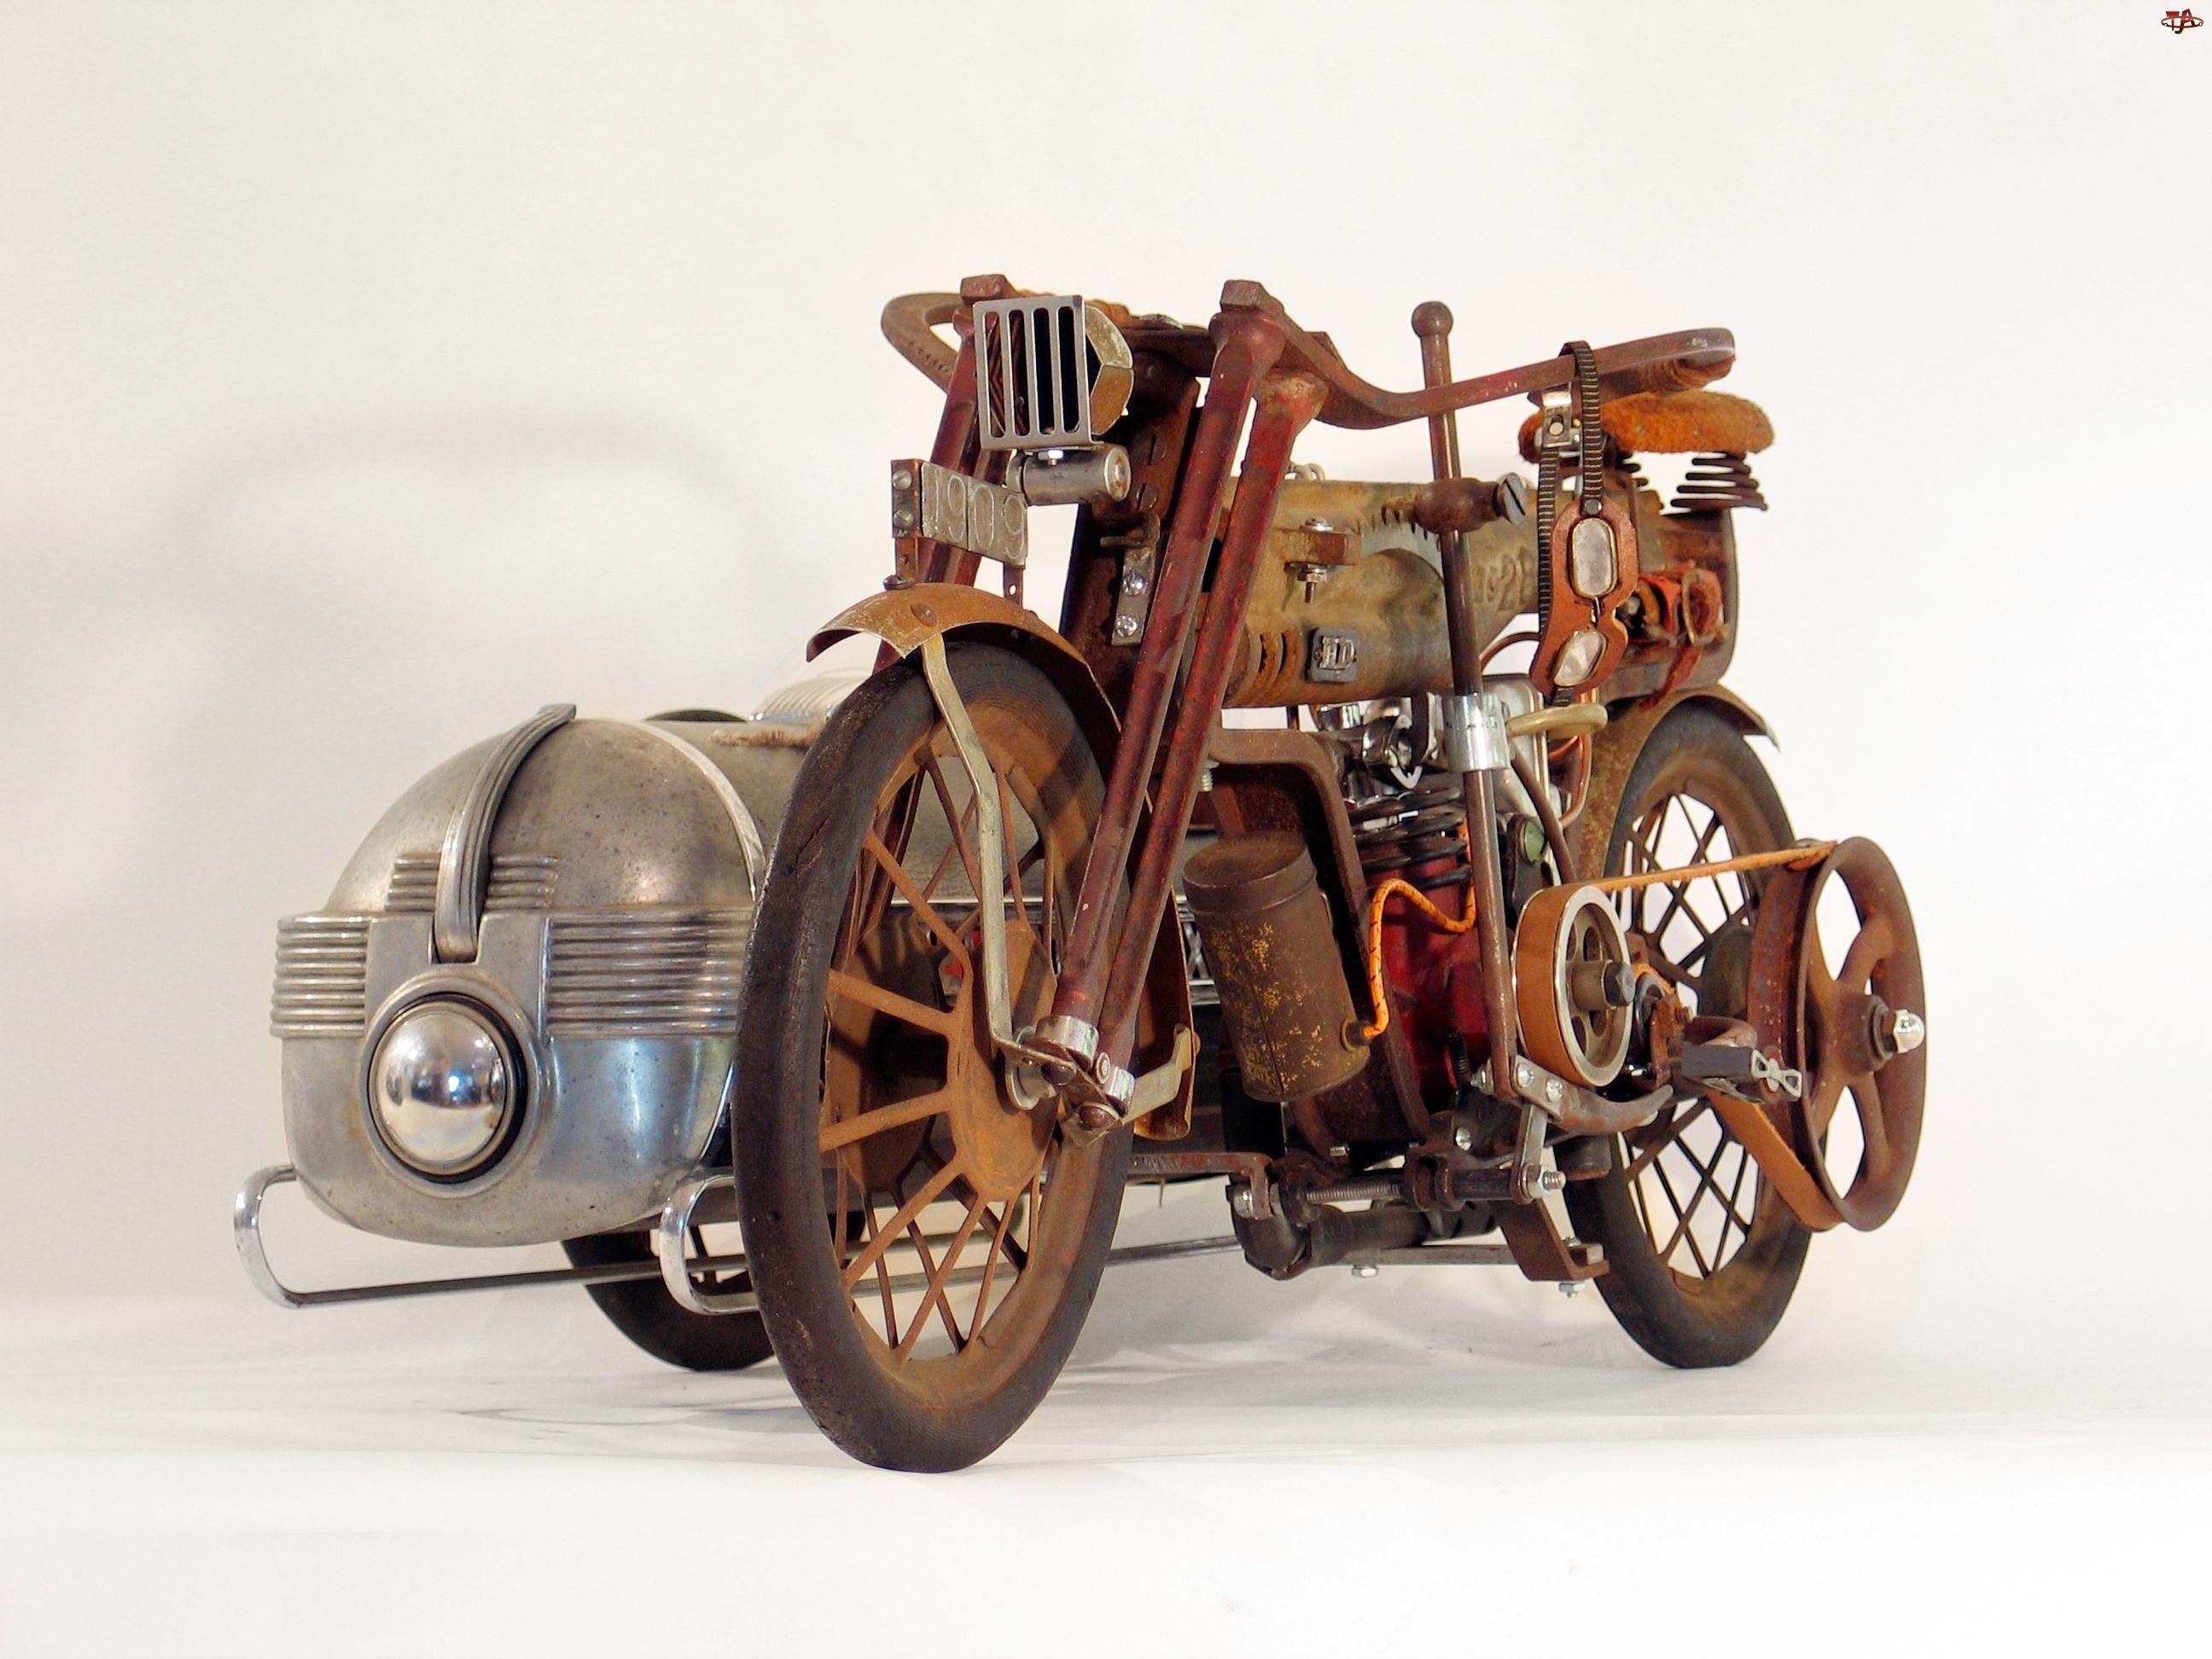 Zabytkowy, 1909, Motor, Harley Davidson